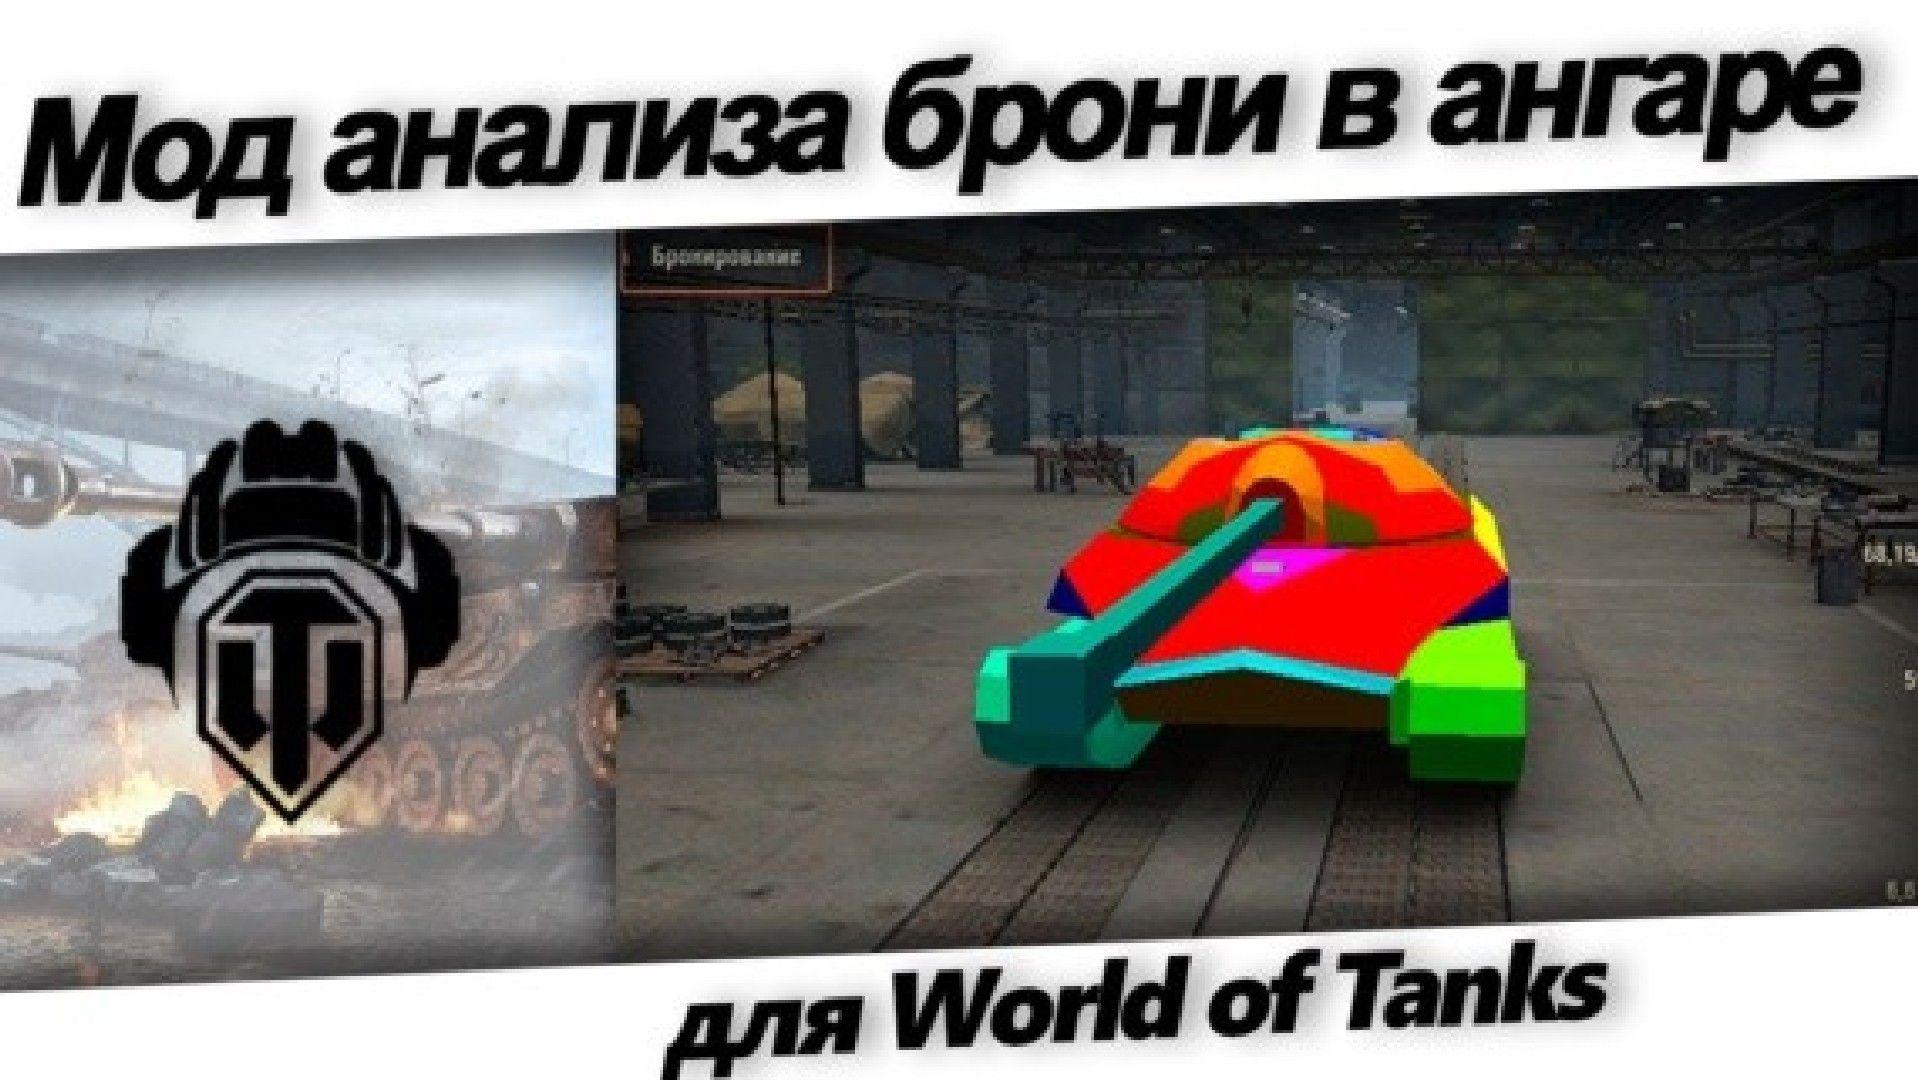 Мод для анализа брони танков в ангаре для World of Tanks